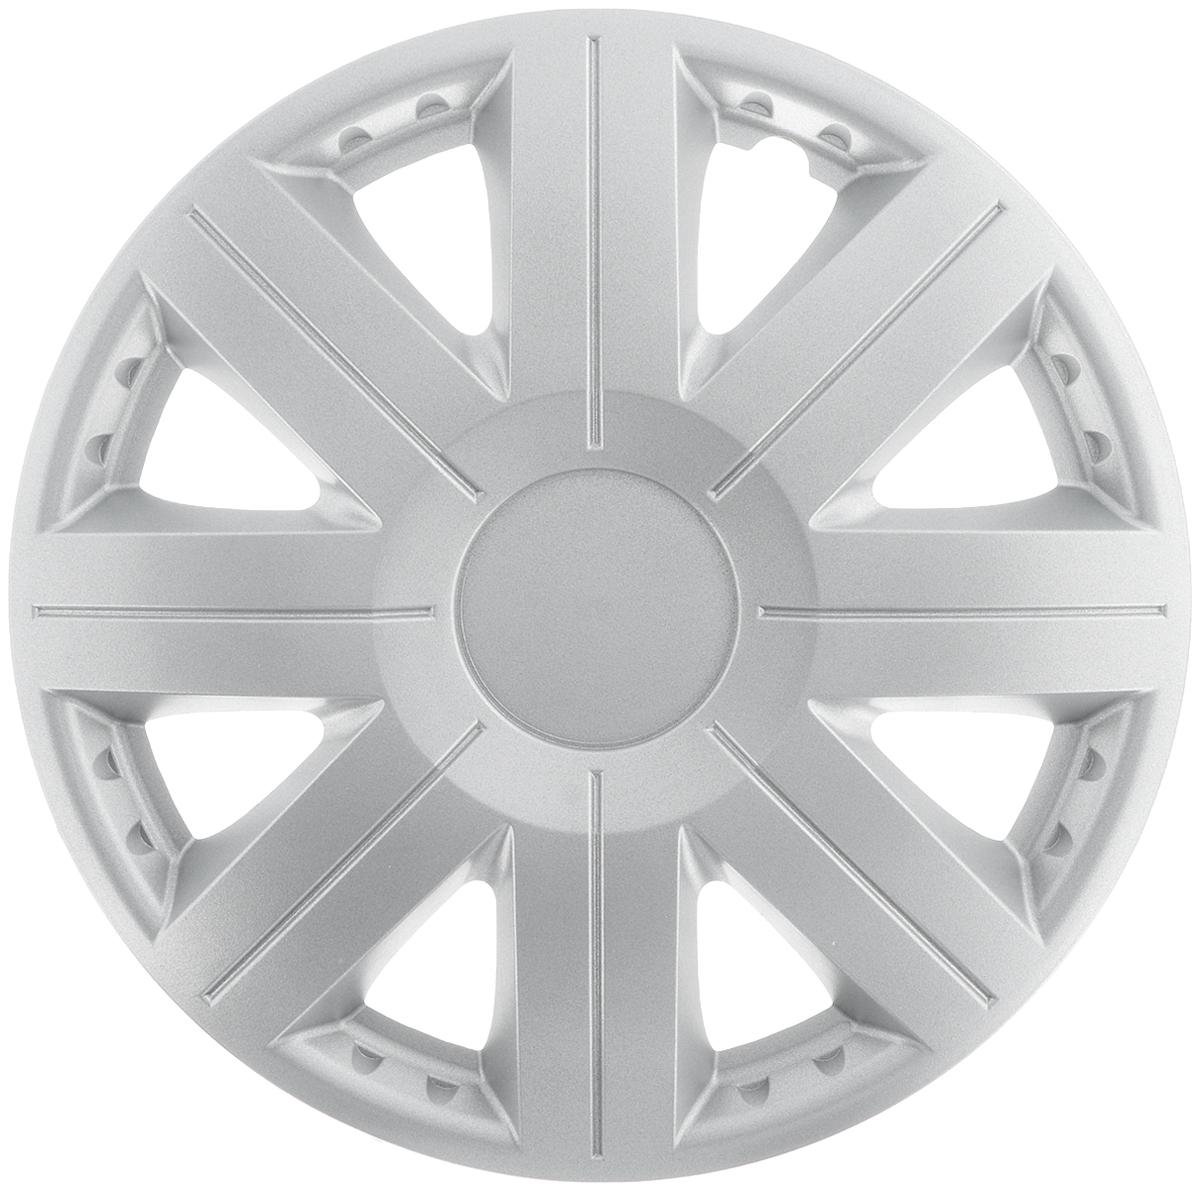 Колпак защитный Phantom Космос, R14 , декоративный, 1 шт. PH5758PH5758Колпак Phantom Космос предназначен для защиты колесного диска и тормозной системы от загрязнений, а также для декоративного украшения автомобиля. Колпак изготовлен из высококачественного масло- бензостойкого пластика, а крепление в виде распорного кольца - из металла. Размер колеса: R14. Диаметр колпака: 39,5 см.